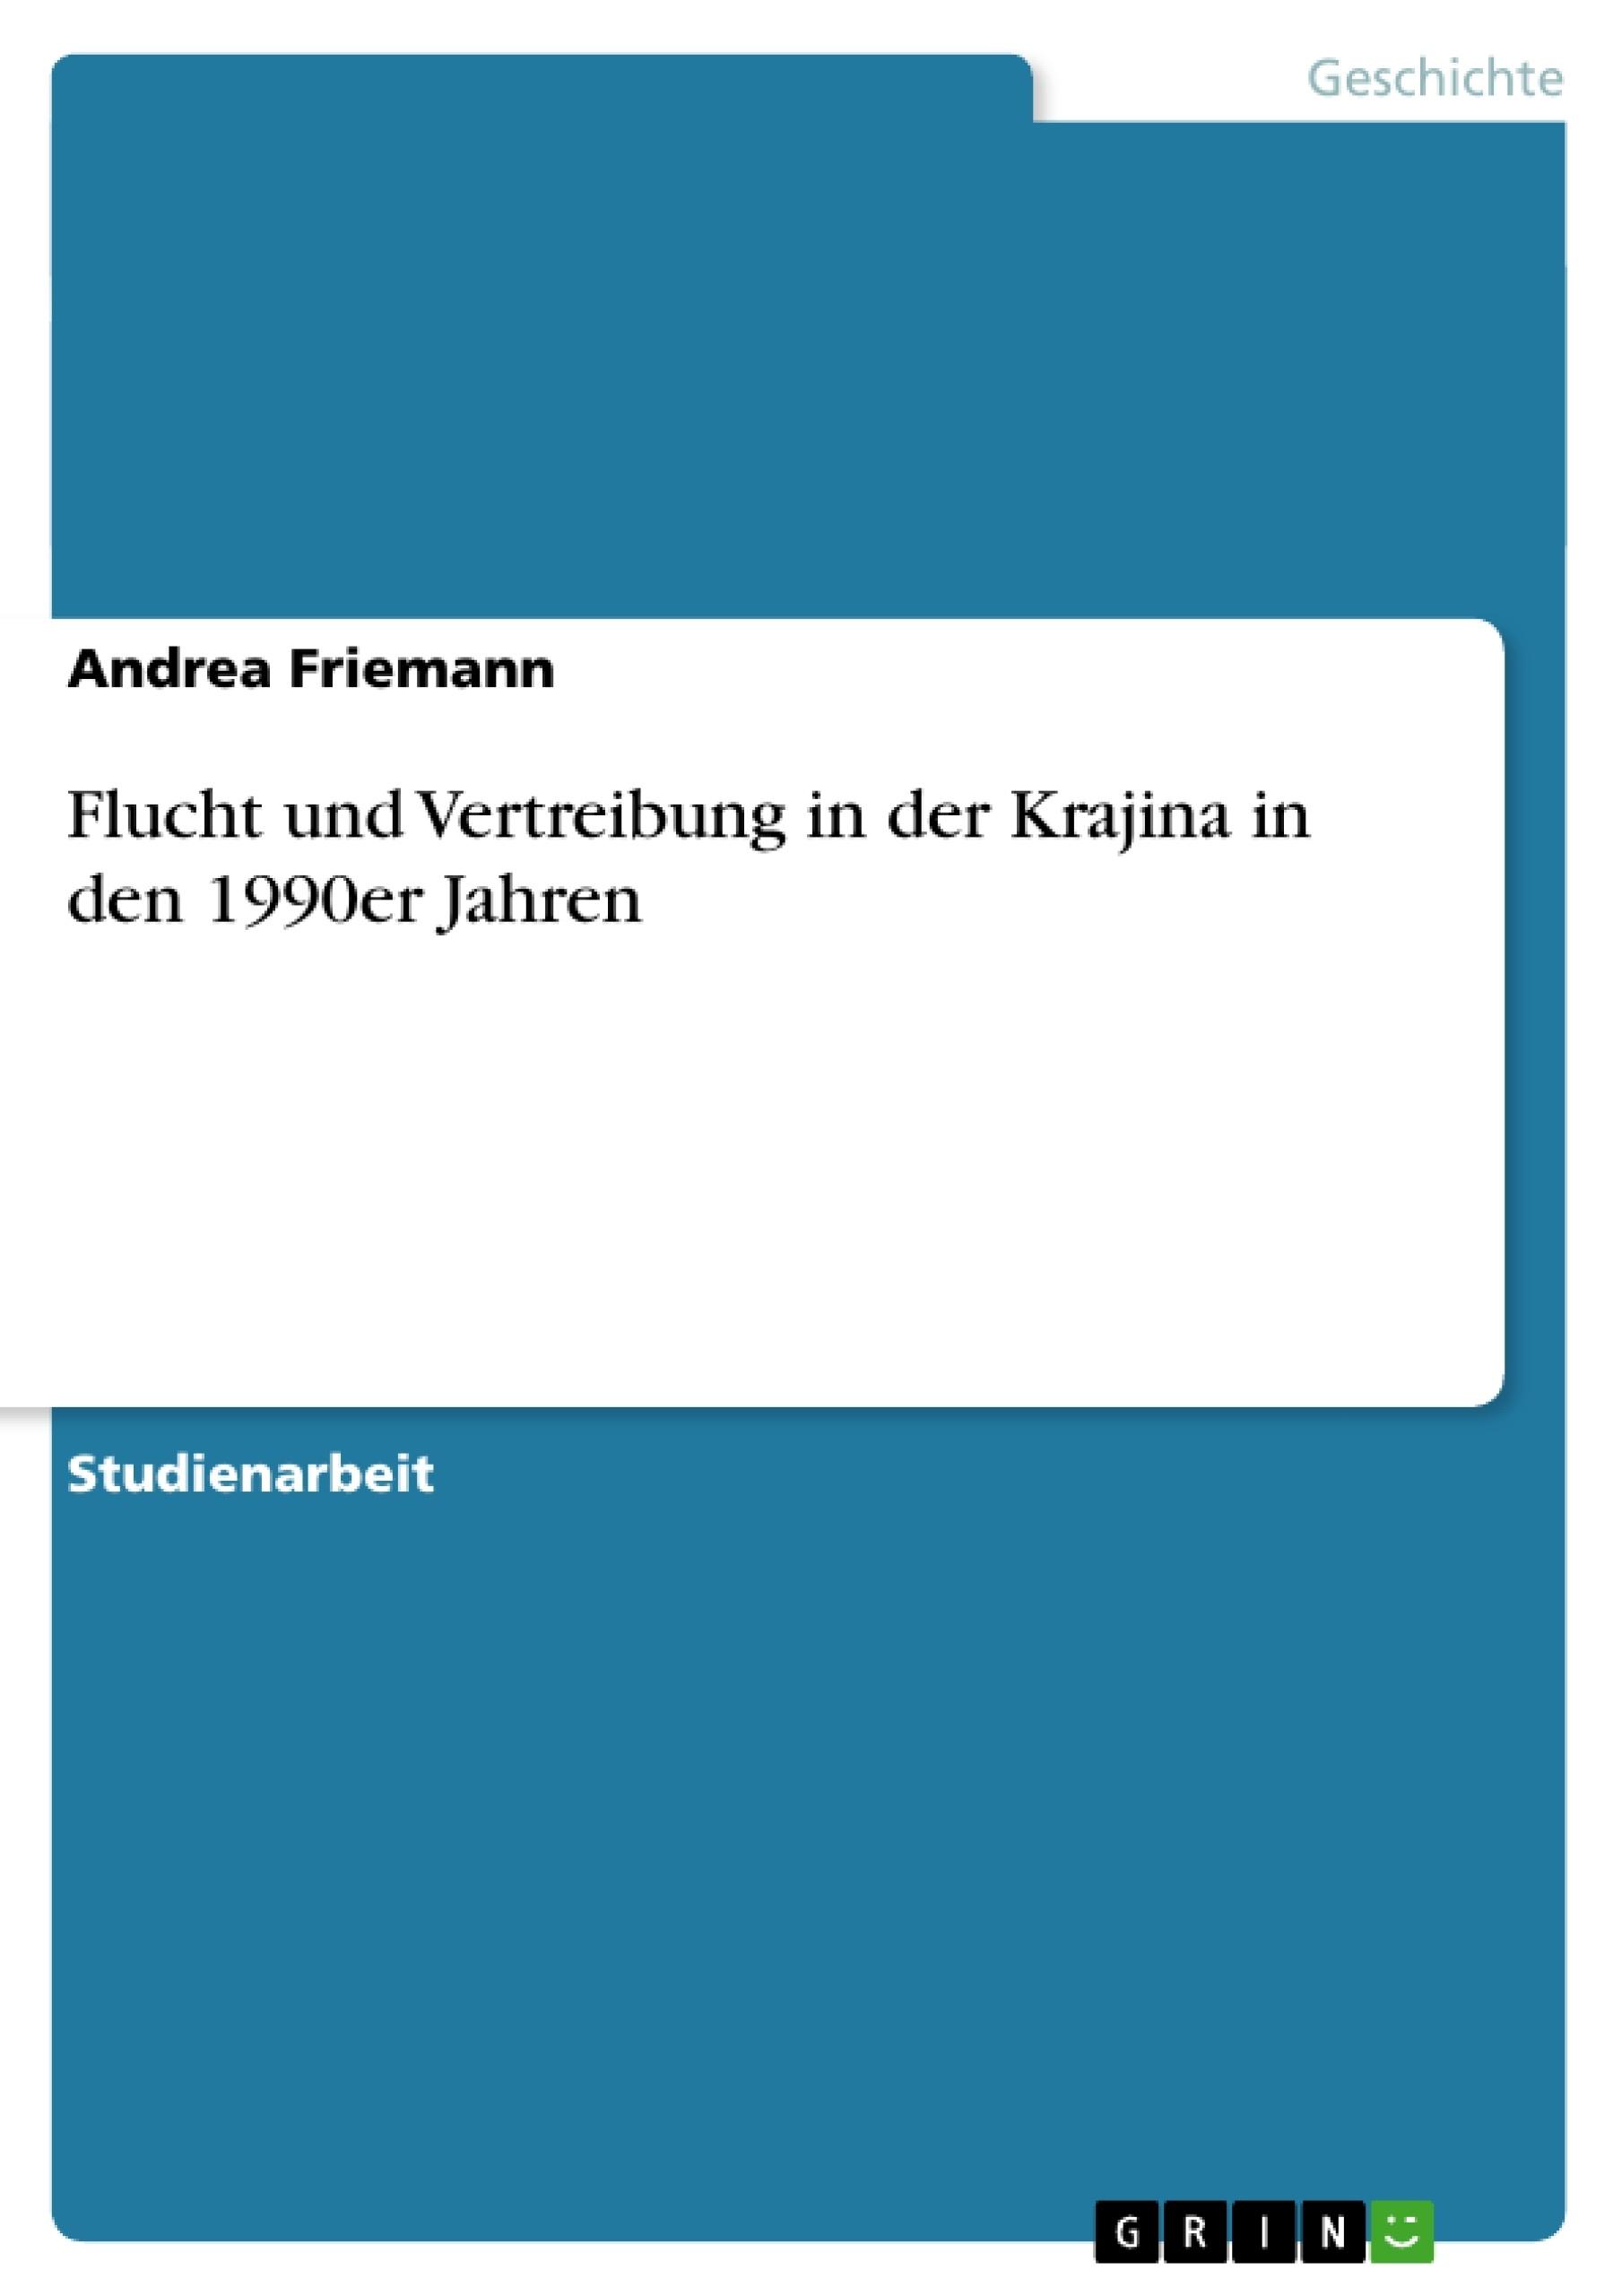 Titel: Flucht und Vertreibung in der Krajina in den 1990er Jahren